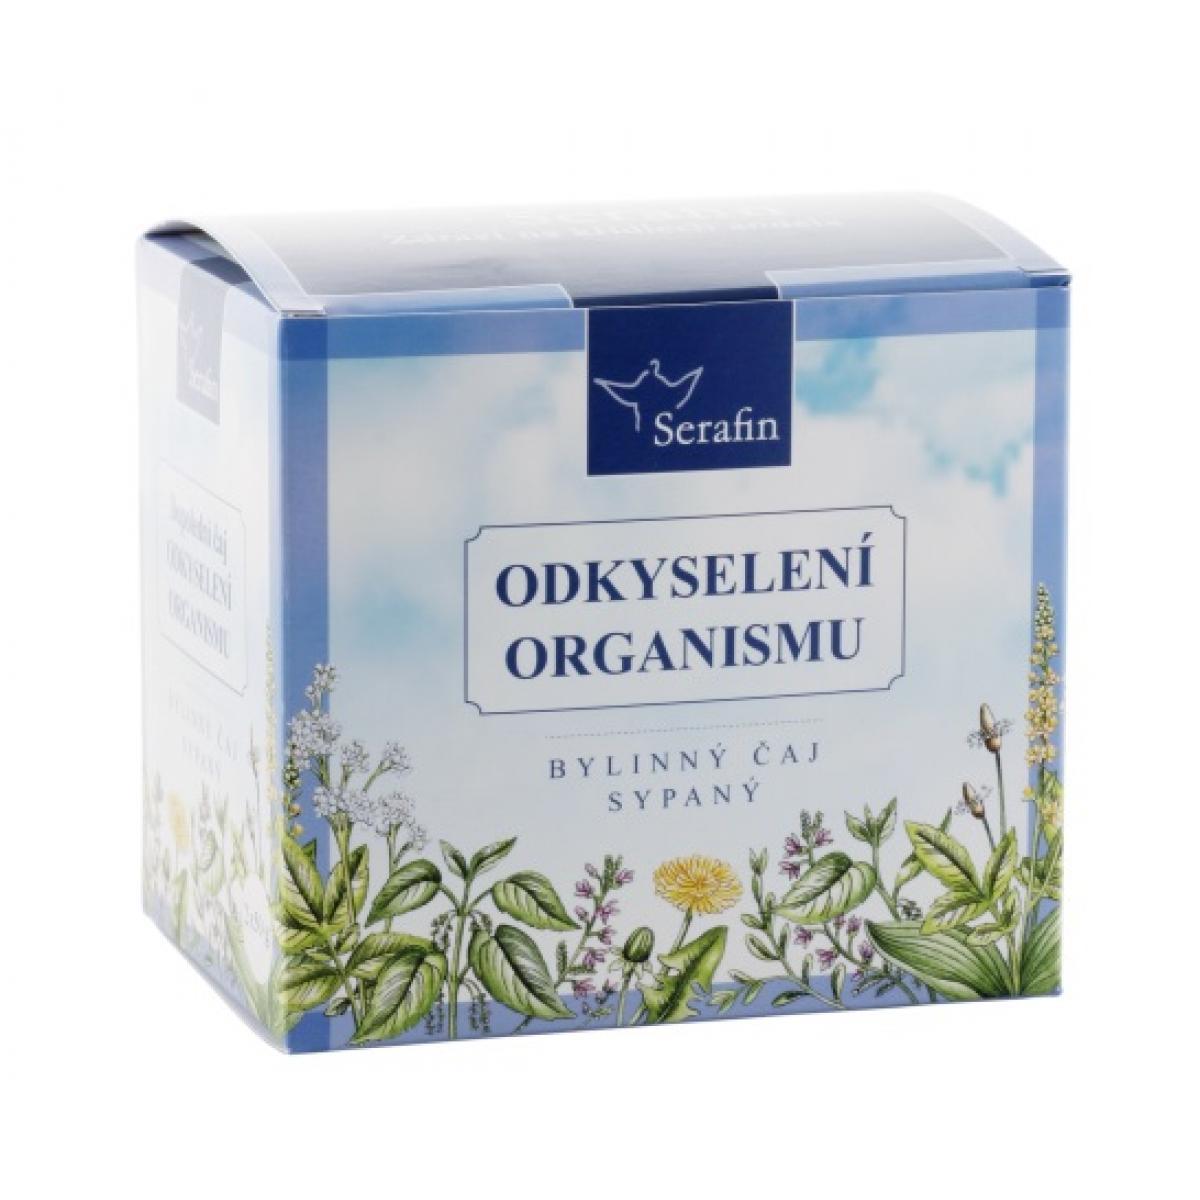 Odkyslenie organizmu - bylinný čaj sypaný - Serafin - 2x50 g